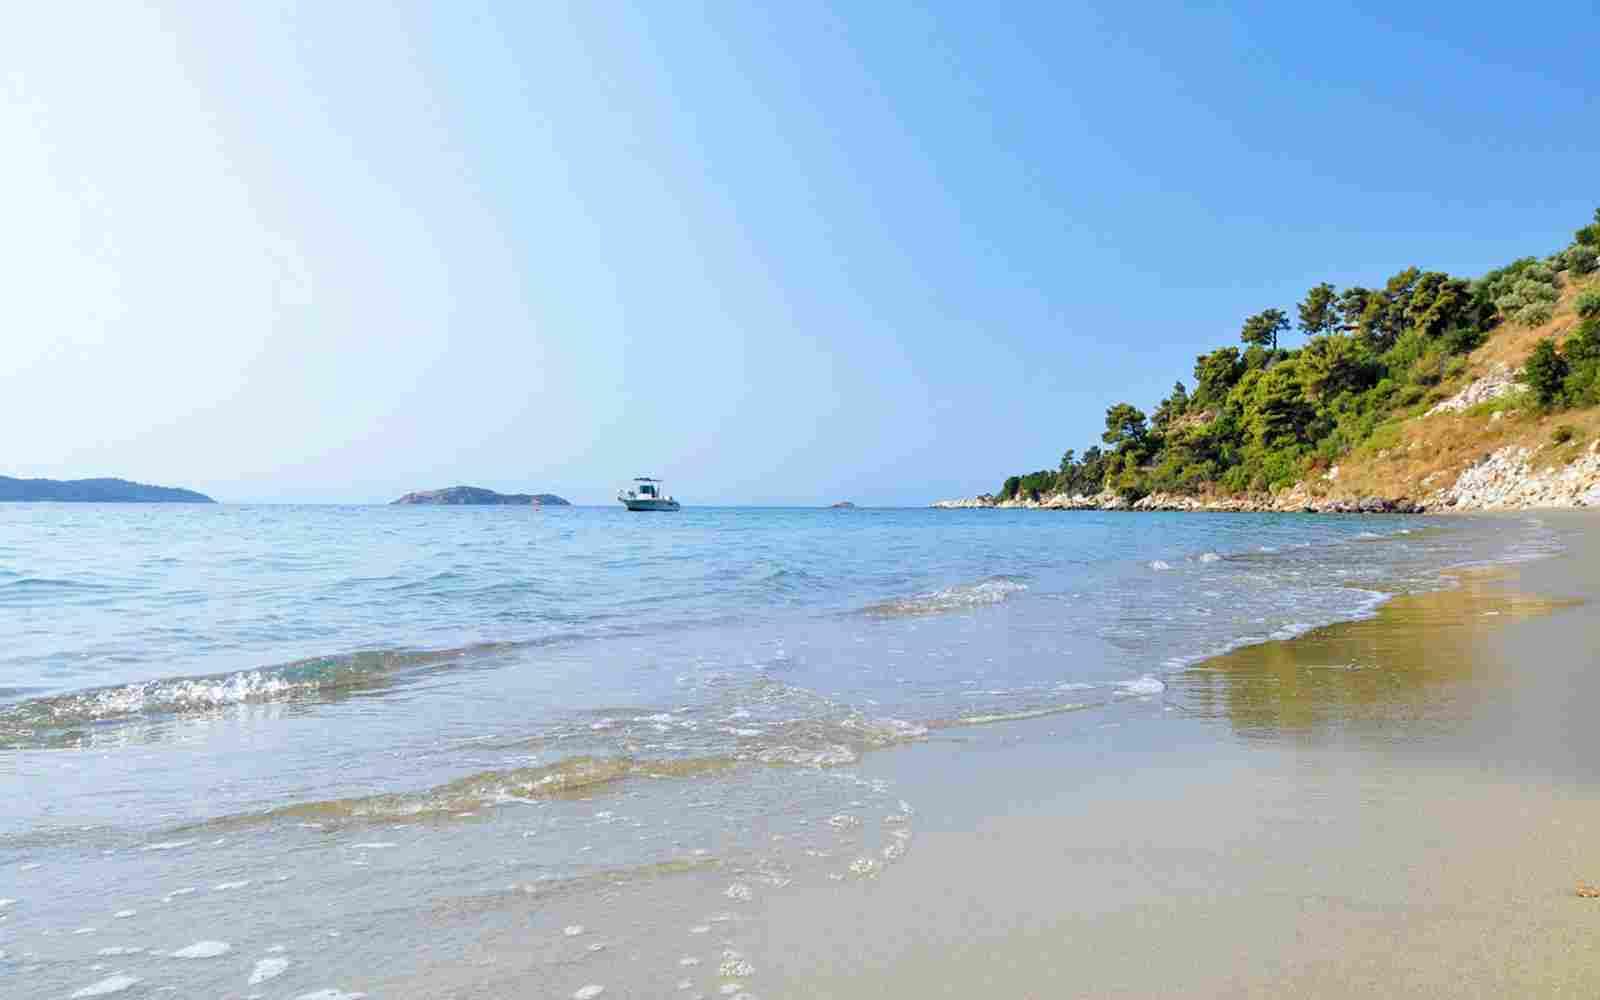 http://www.okohotel.co.nz/wp-content/uploads/2016/03/summer-beach-01.jpg